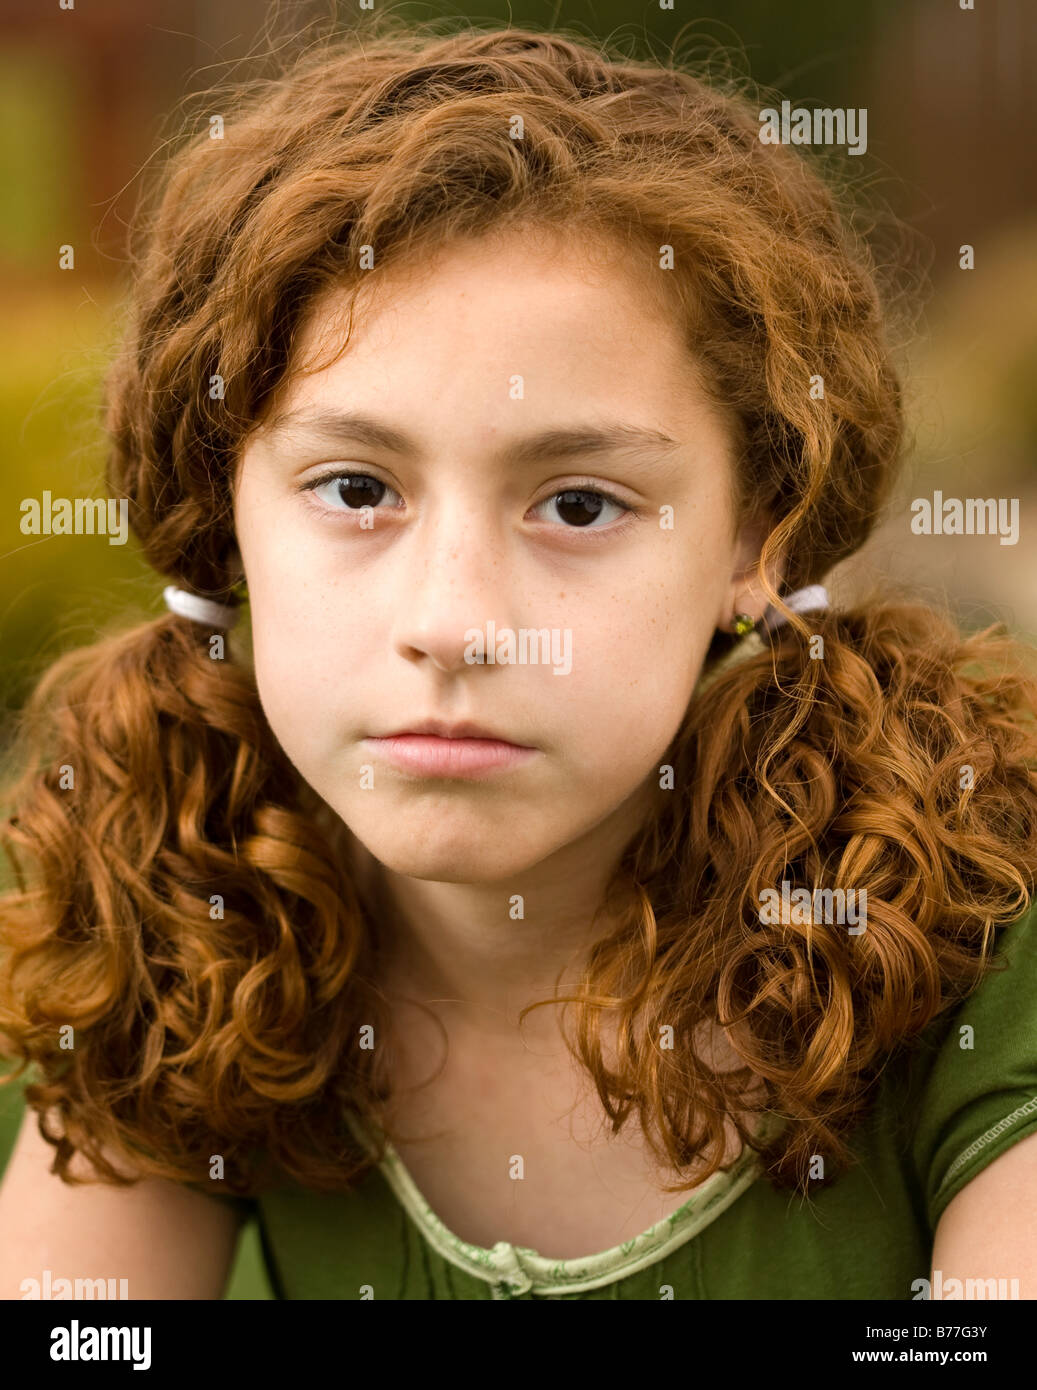 Melancholy red-headed girl. - Stock Image